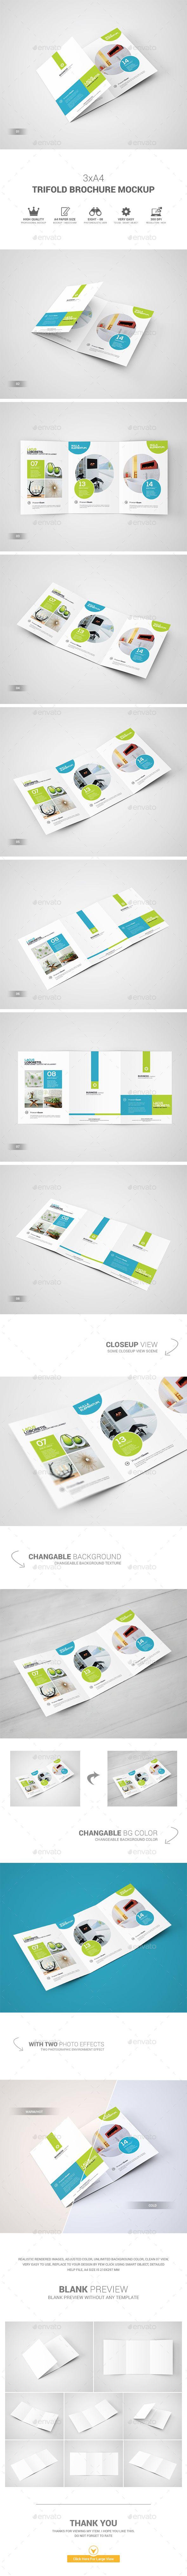 3xA4 Trifold Brochure Mockup - Brochures Print